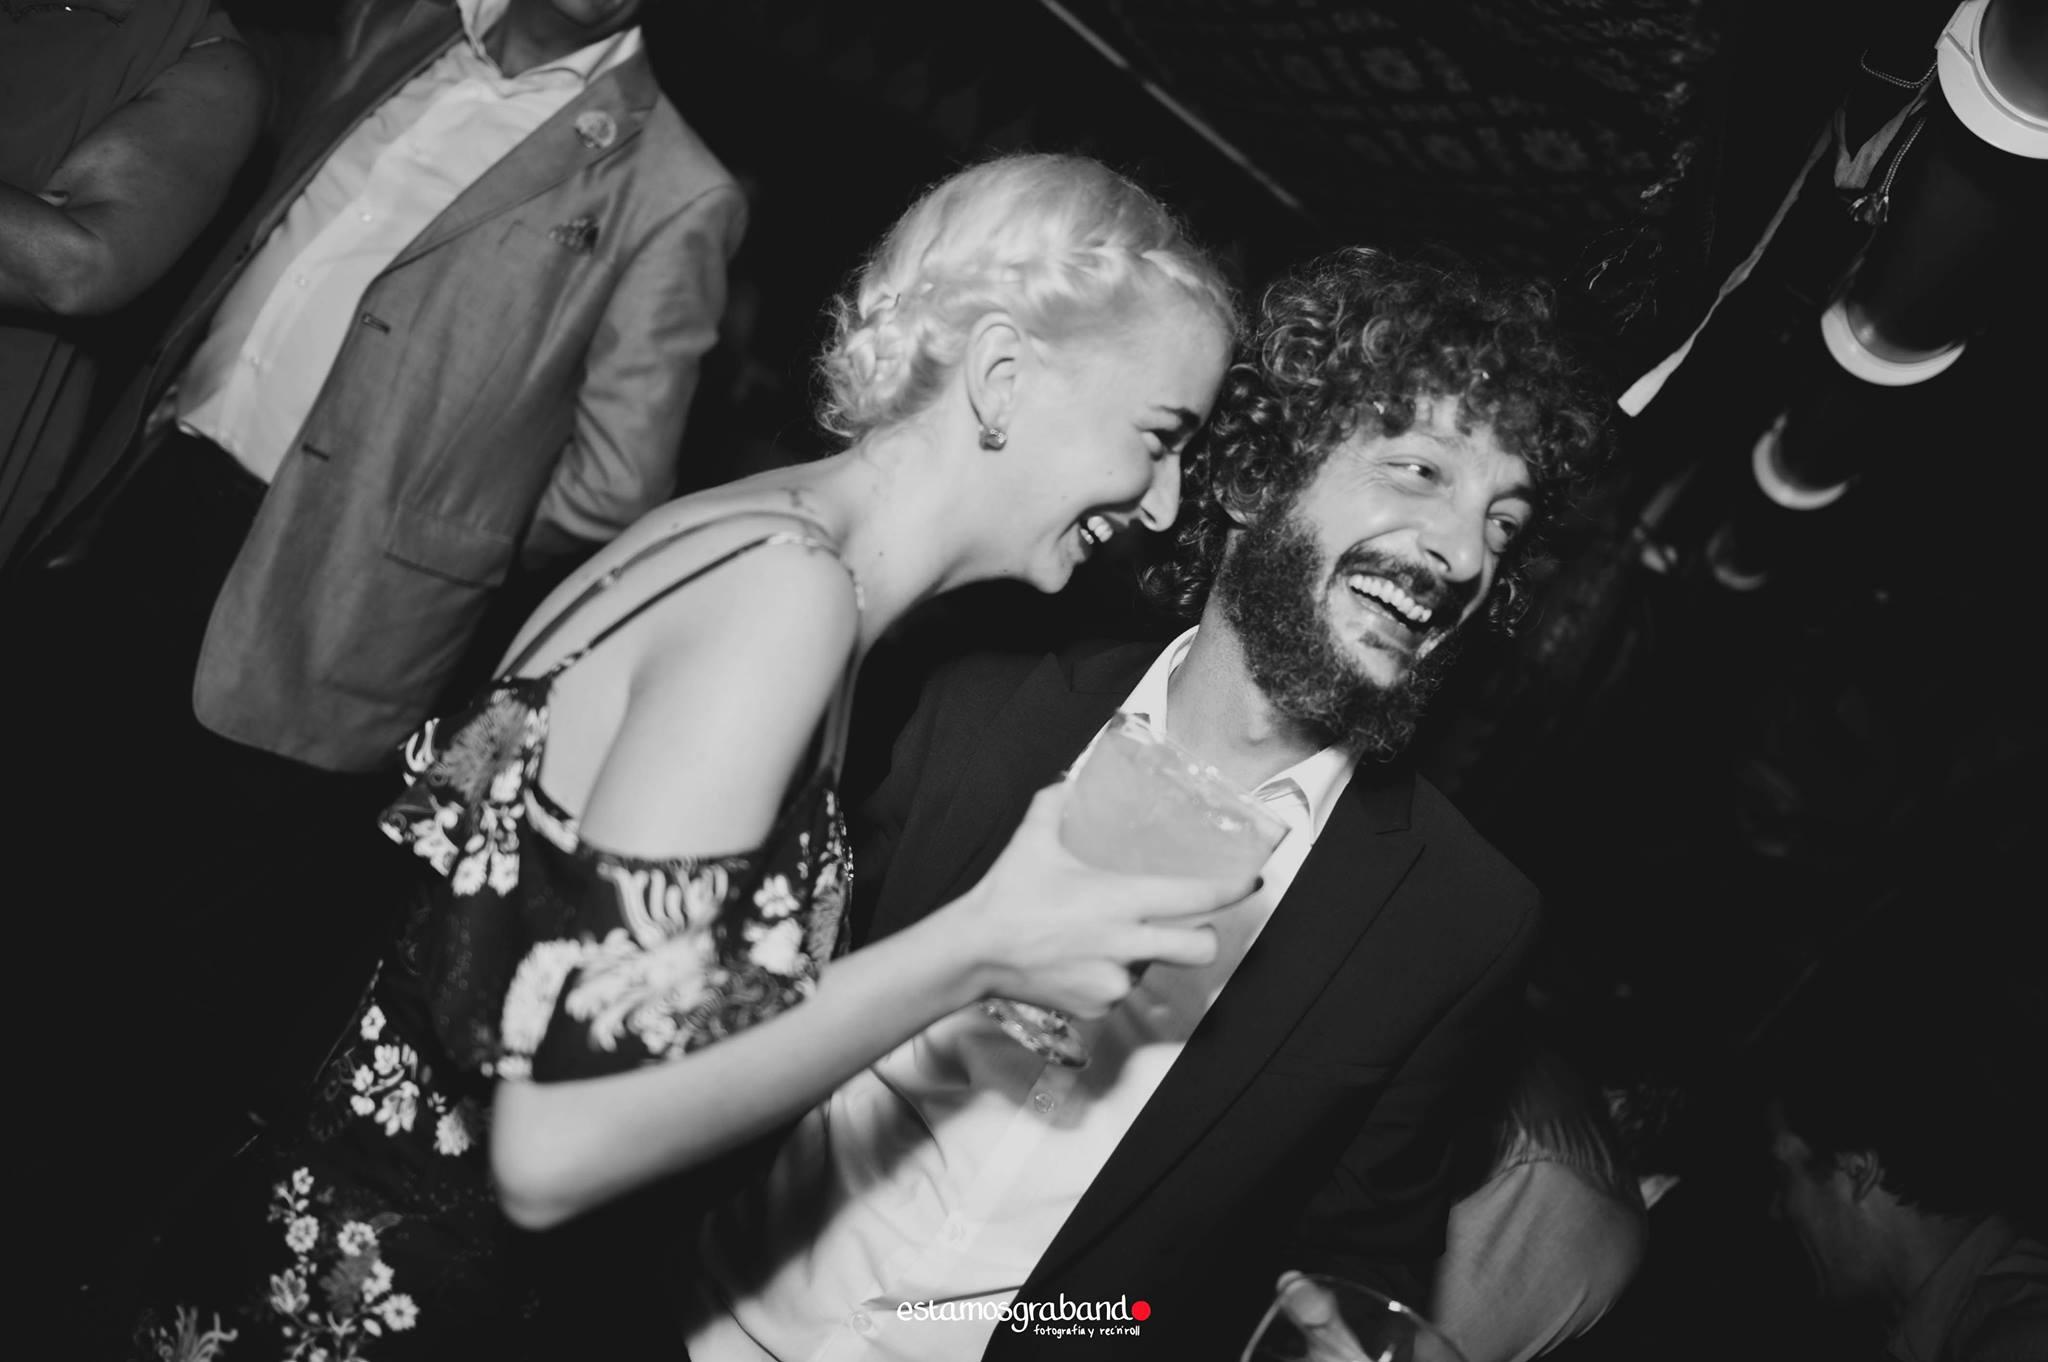 14315551_10210480711718708_510506650_o El Canijo de Jerez & La Pequeña Nube - video boda cadiz